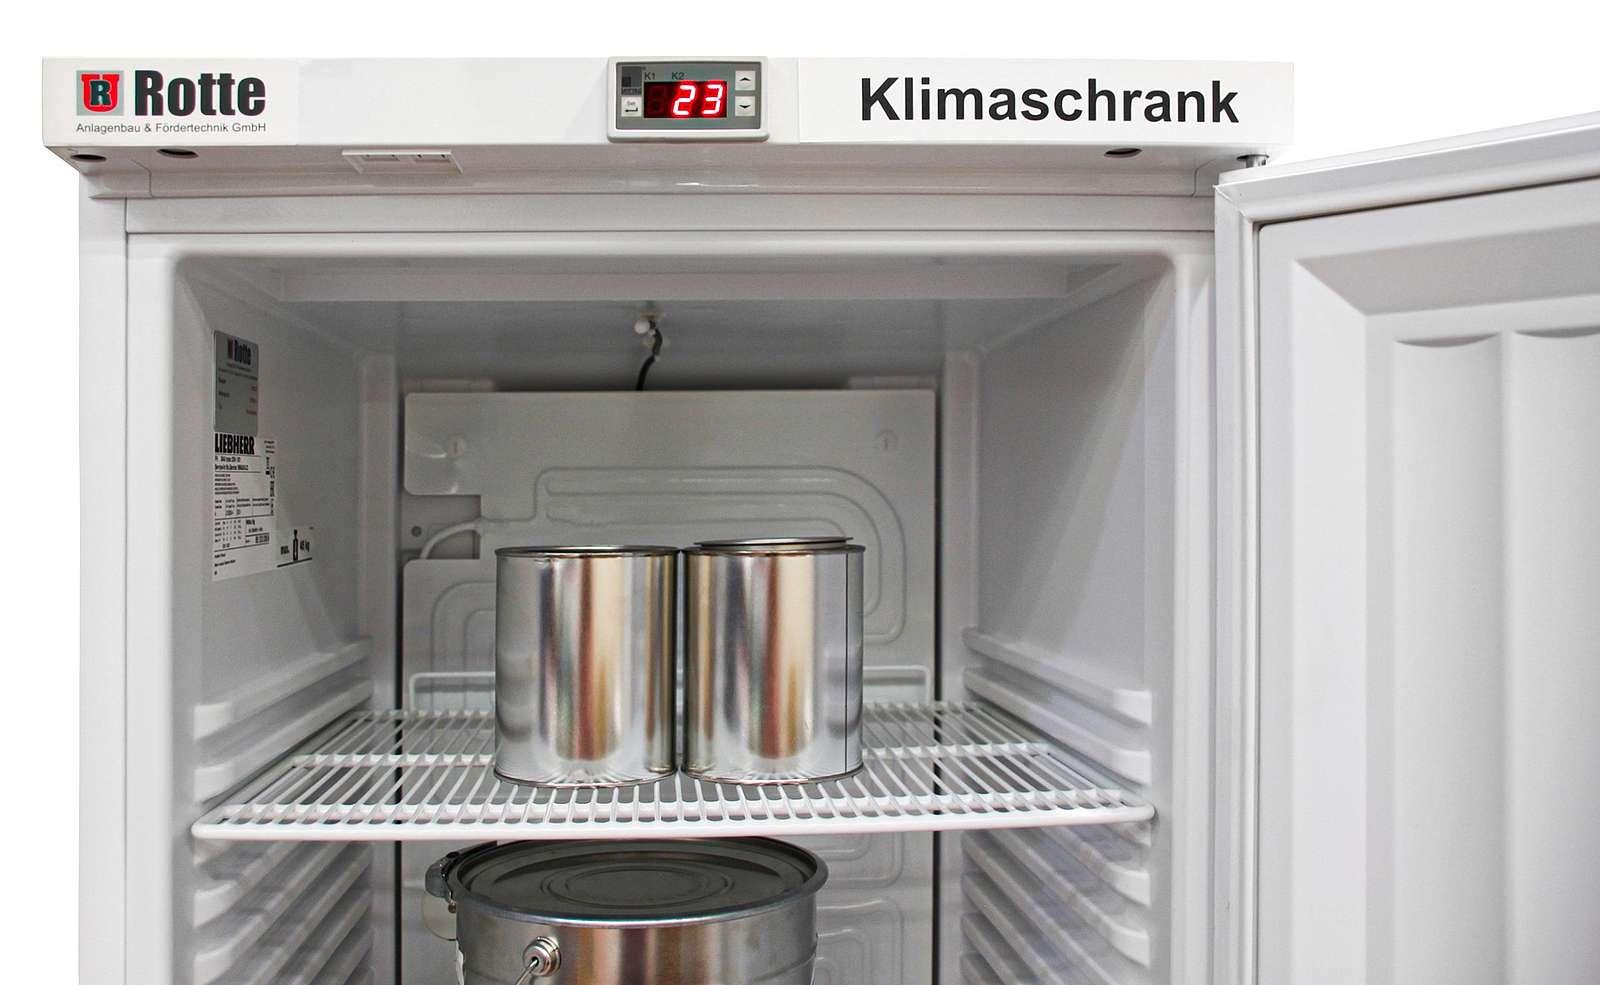 Klimaschrank | Lagerung von Kunst- und Gießharzen, Klebern und Lacken, aber auch für andere temperaturempfindliche Materialie